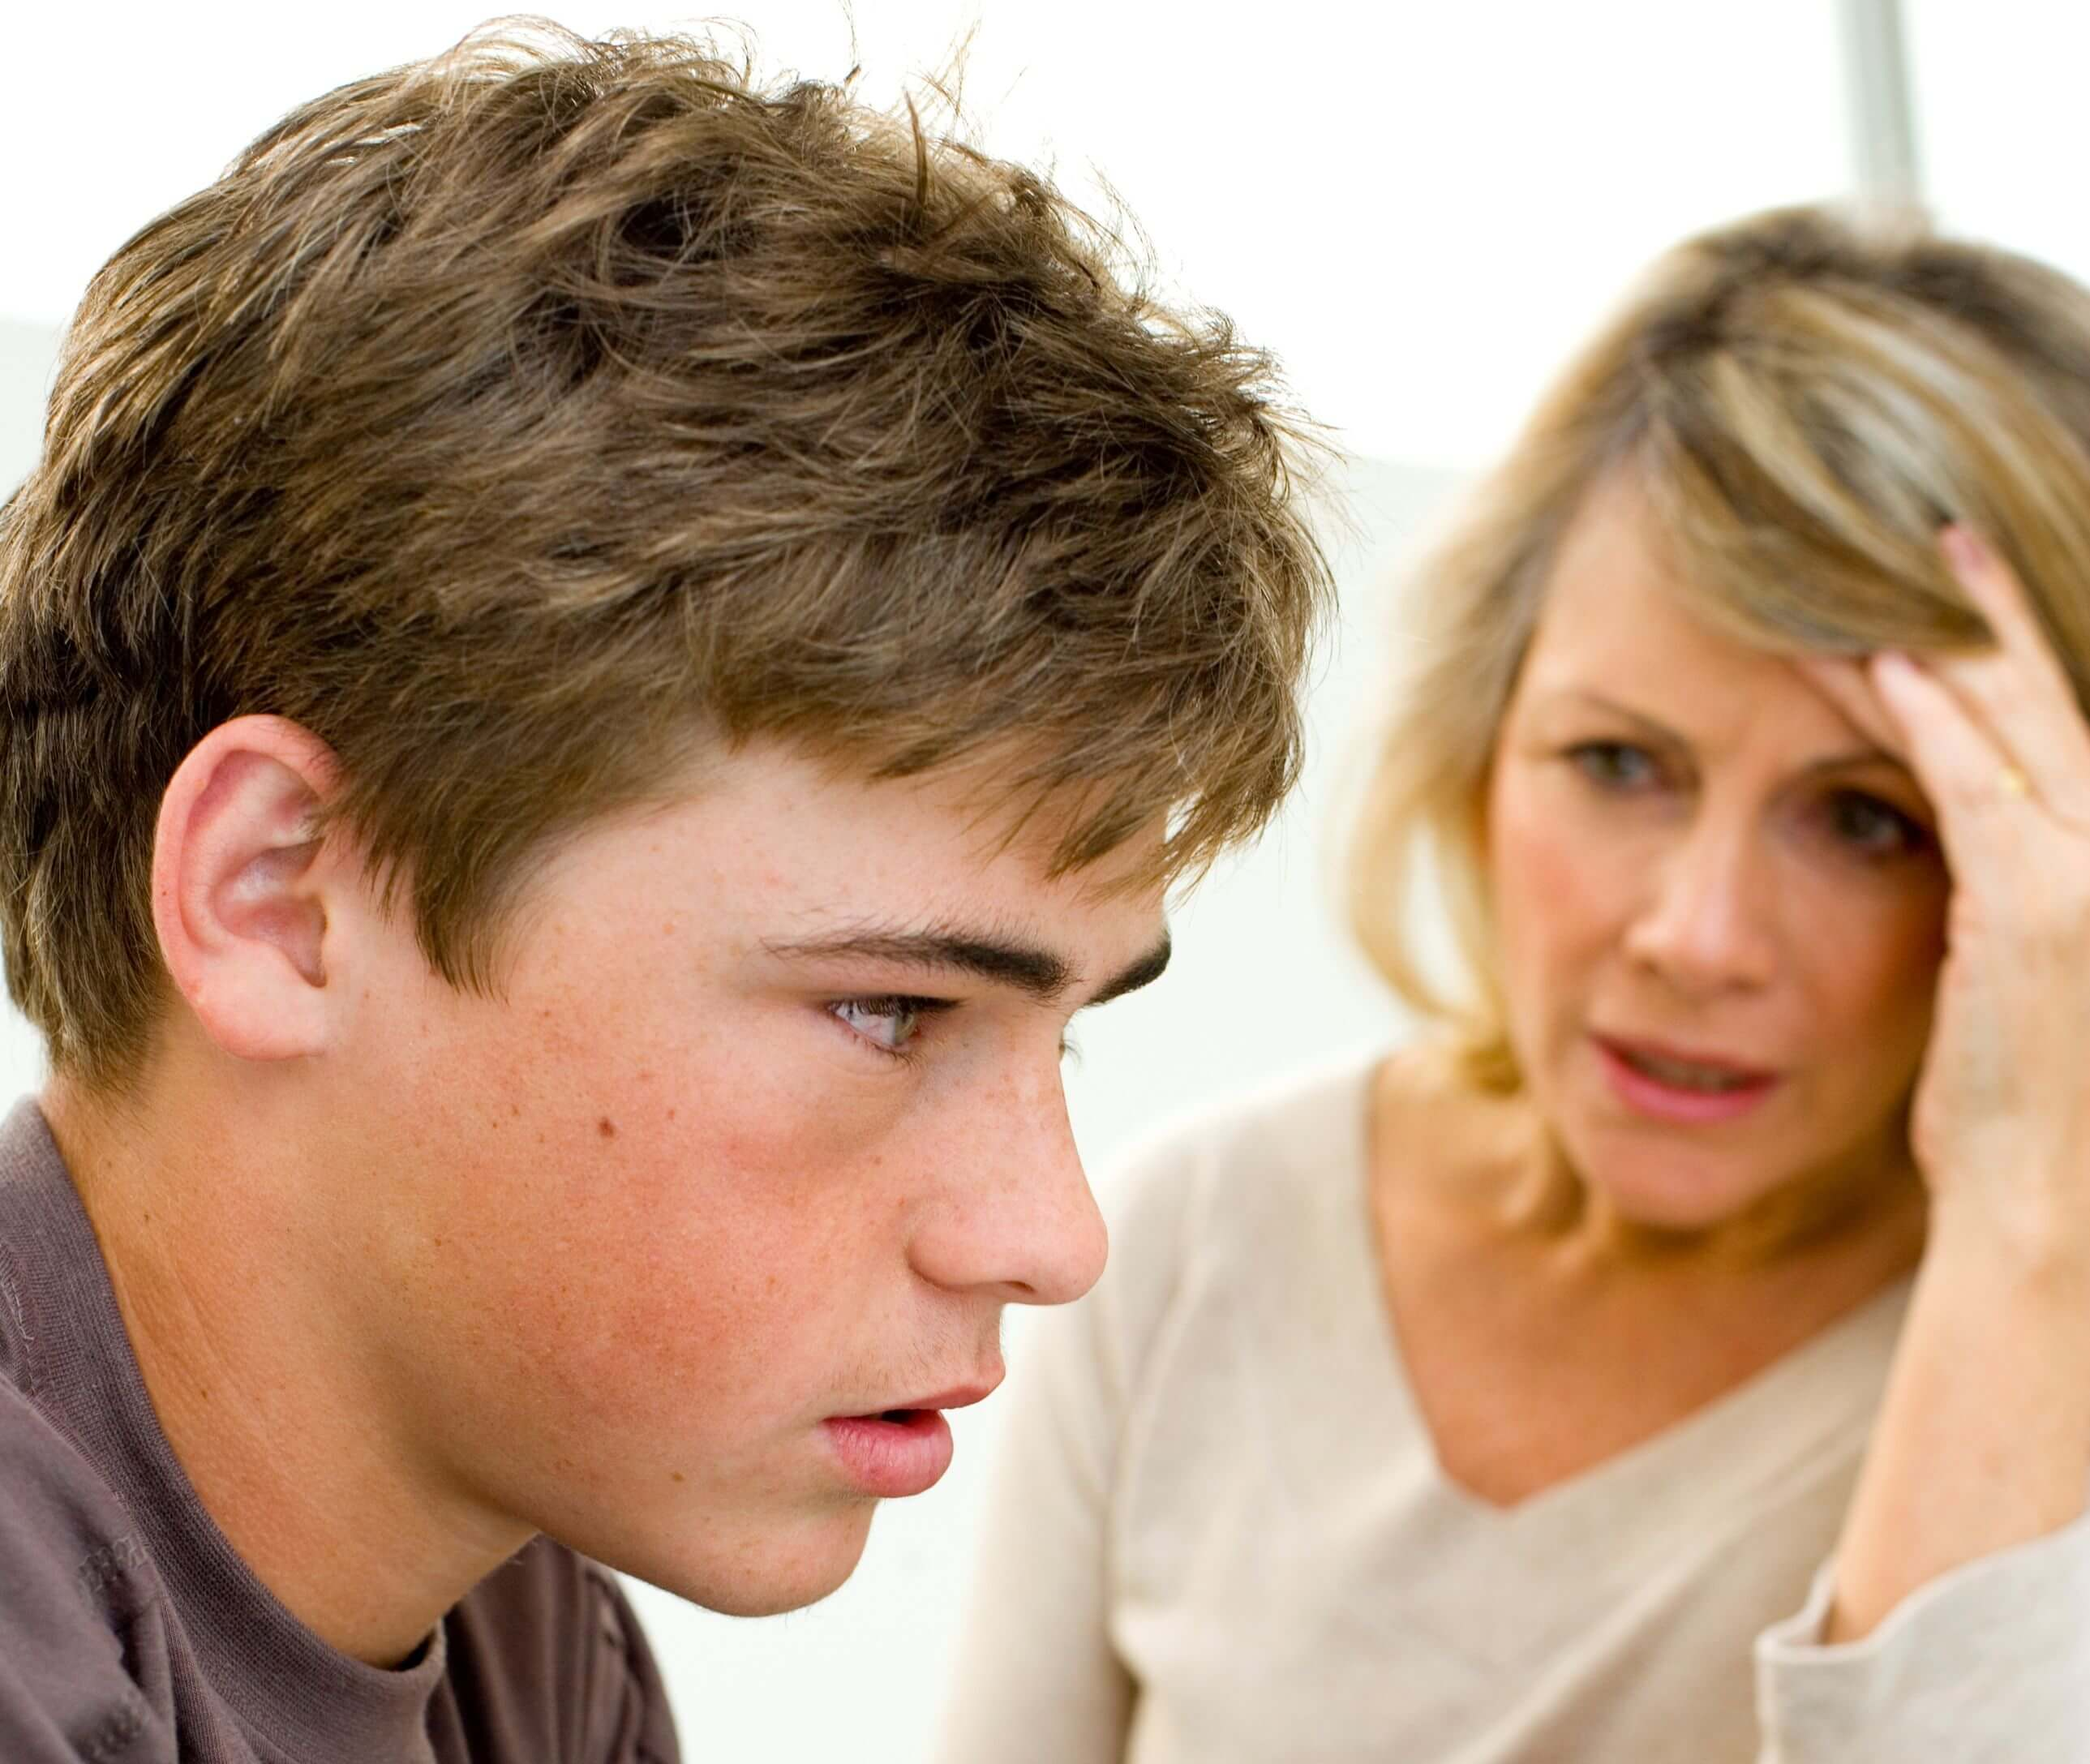 последствия гинекомастии у подростков мальчиков